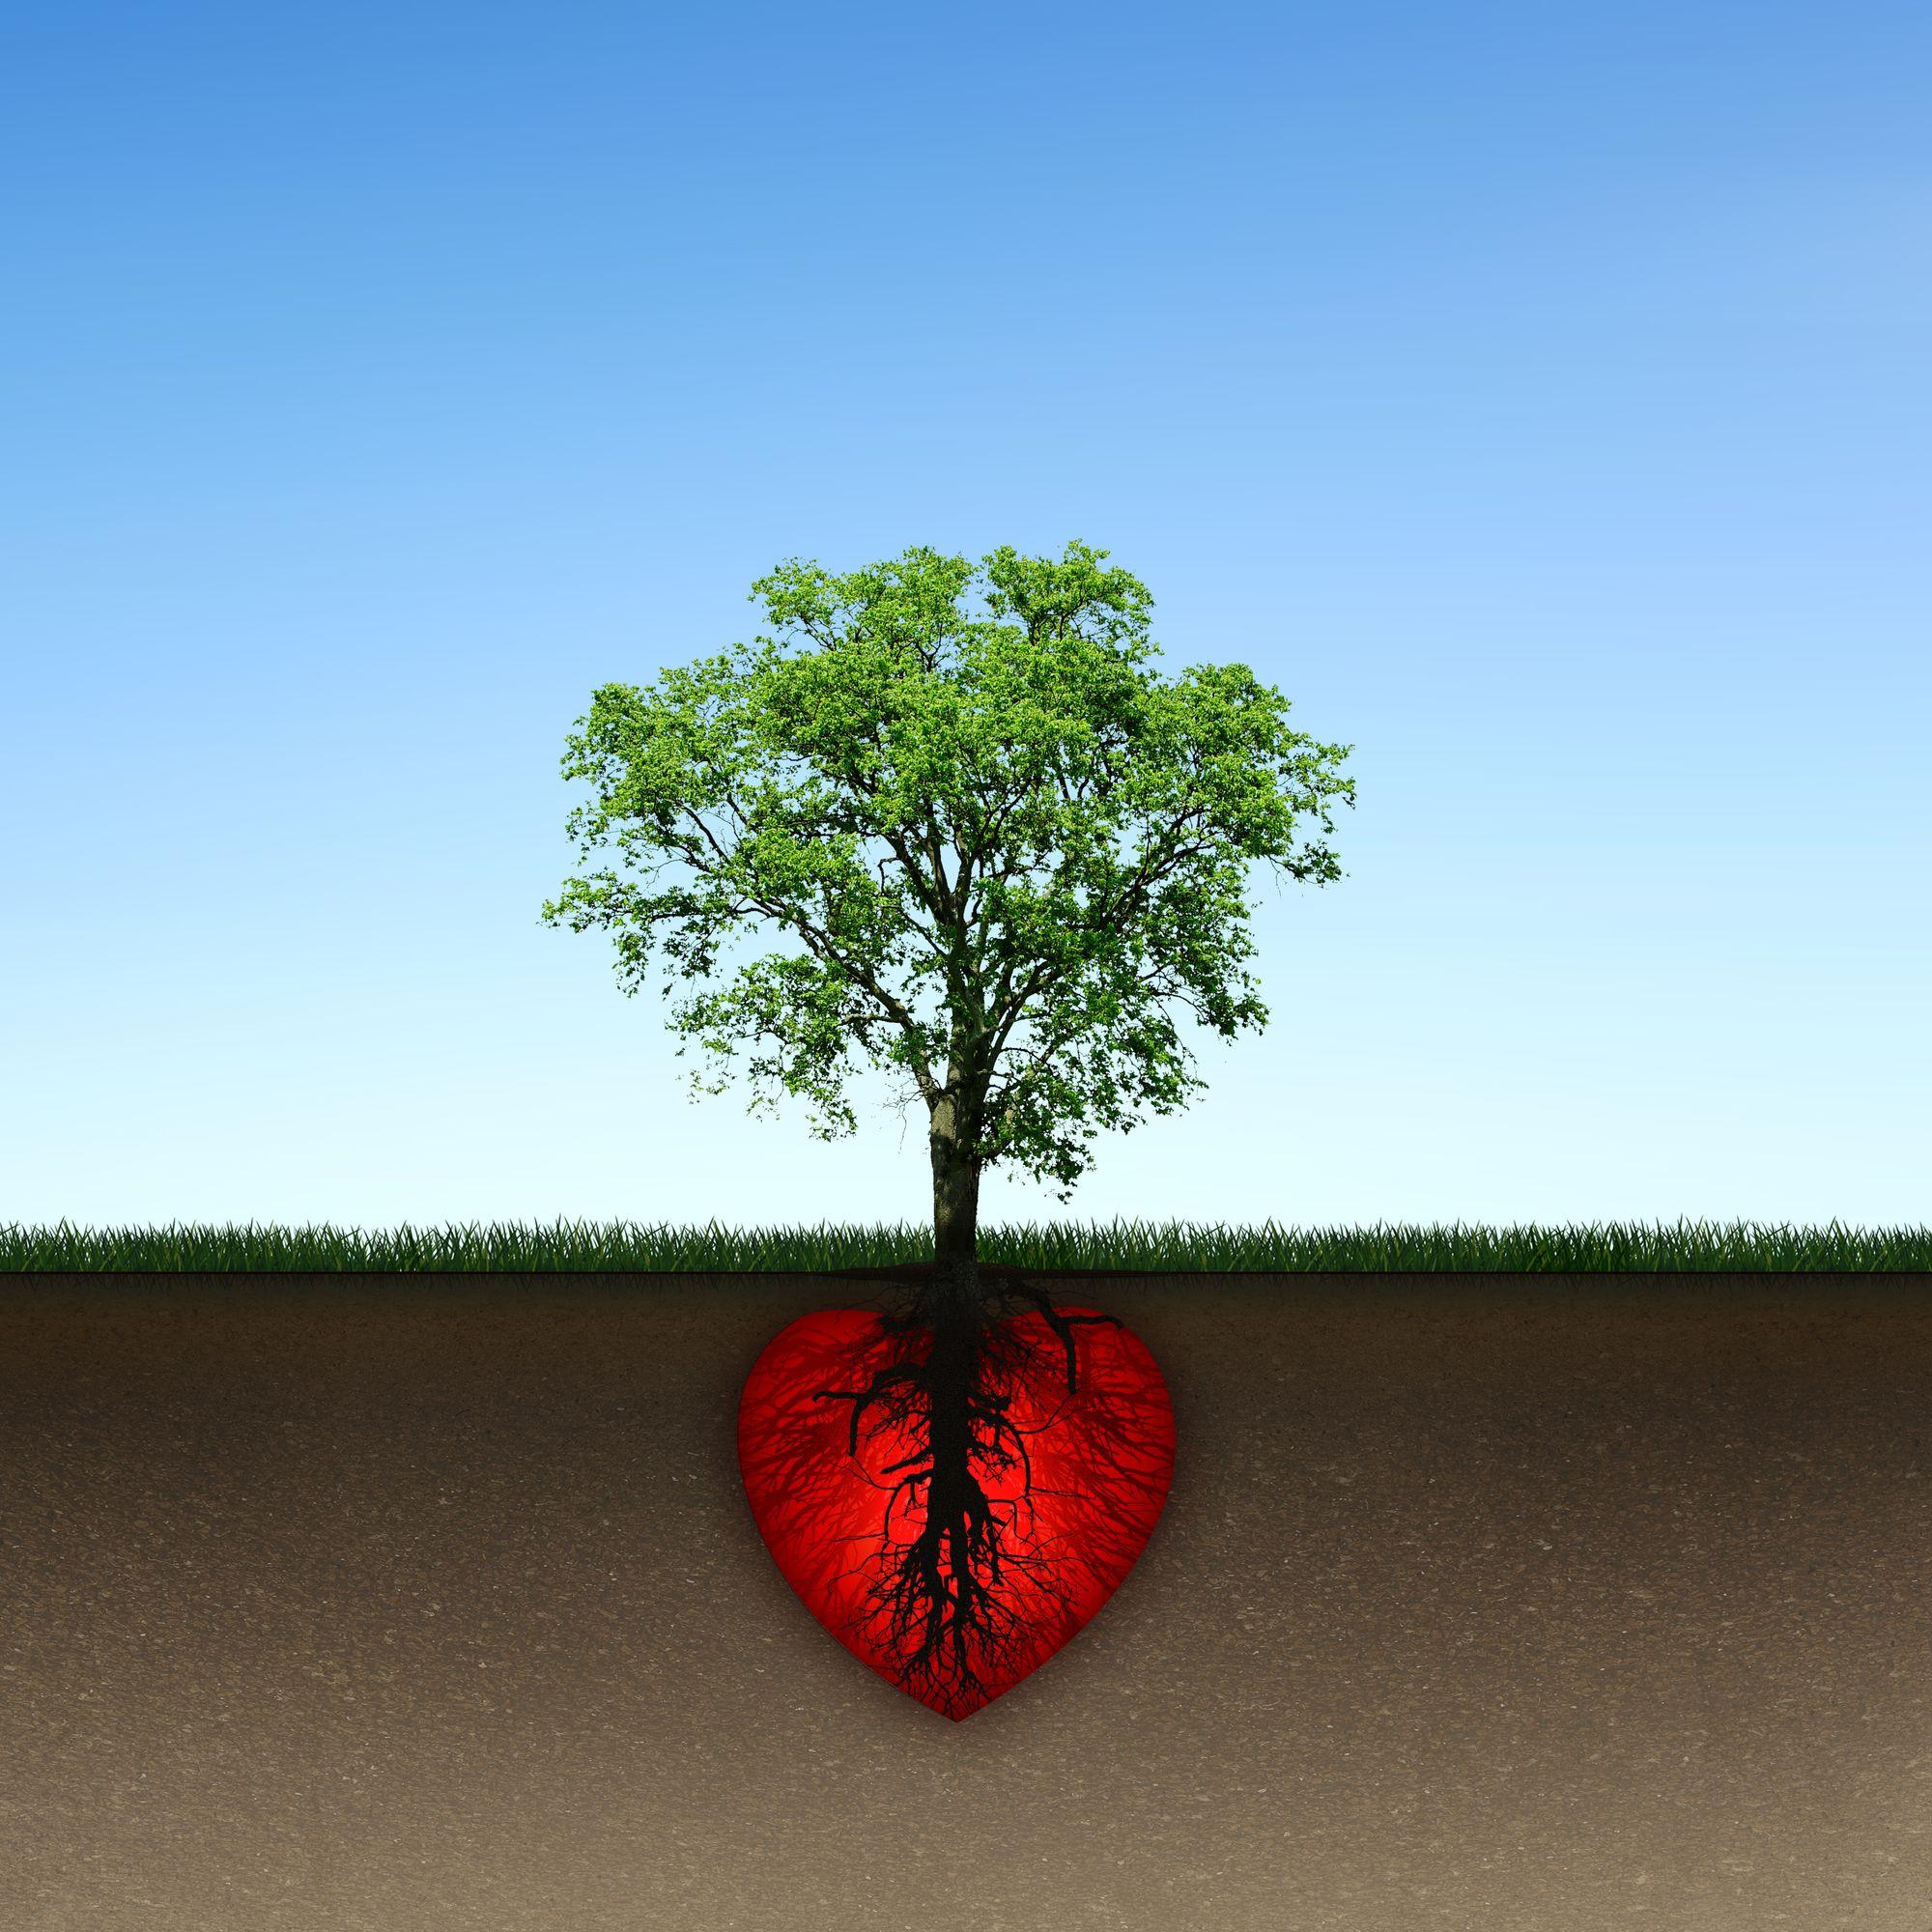 O sont nos racines add saint nazaire - Arbre sans racine envahissante ...